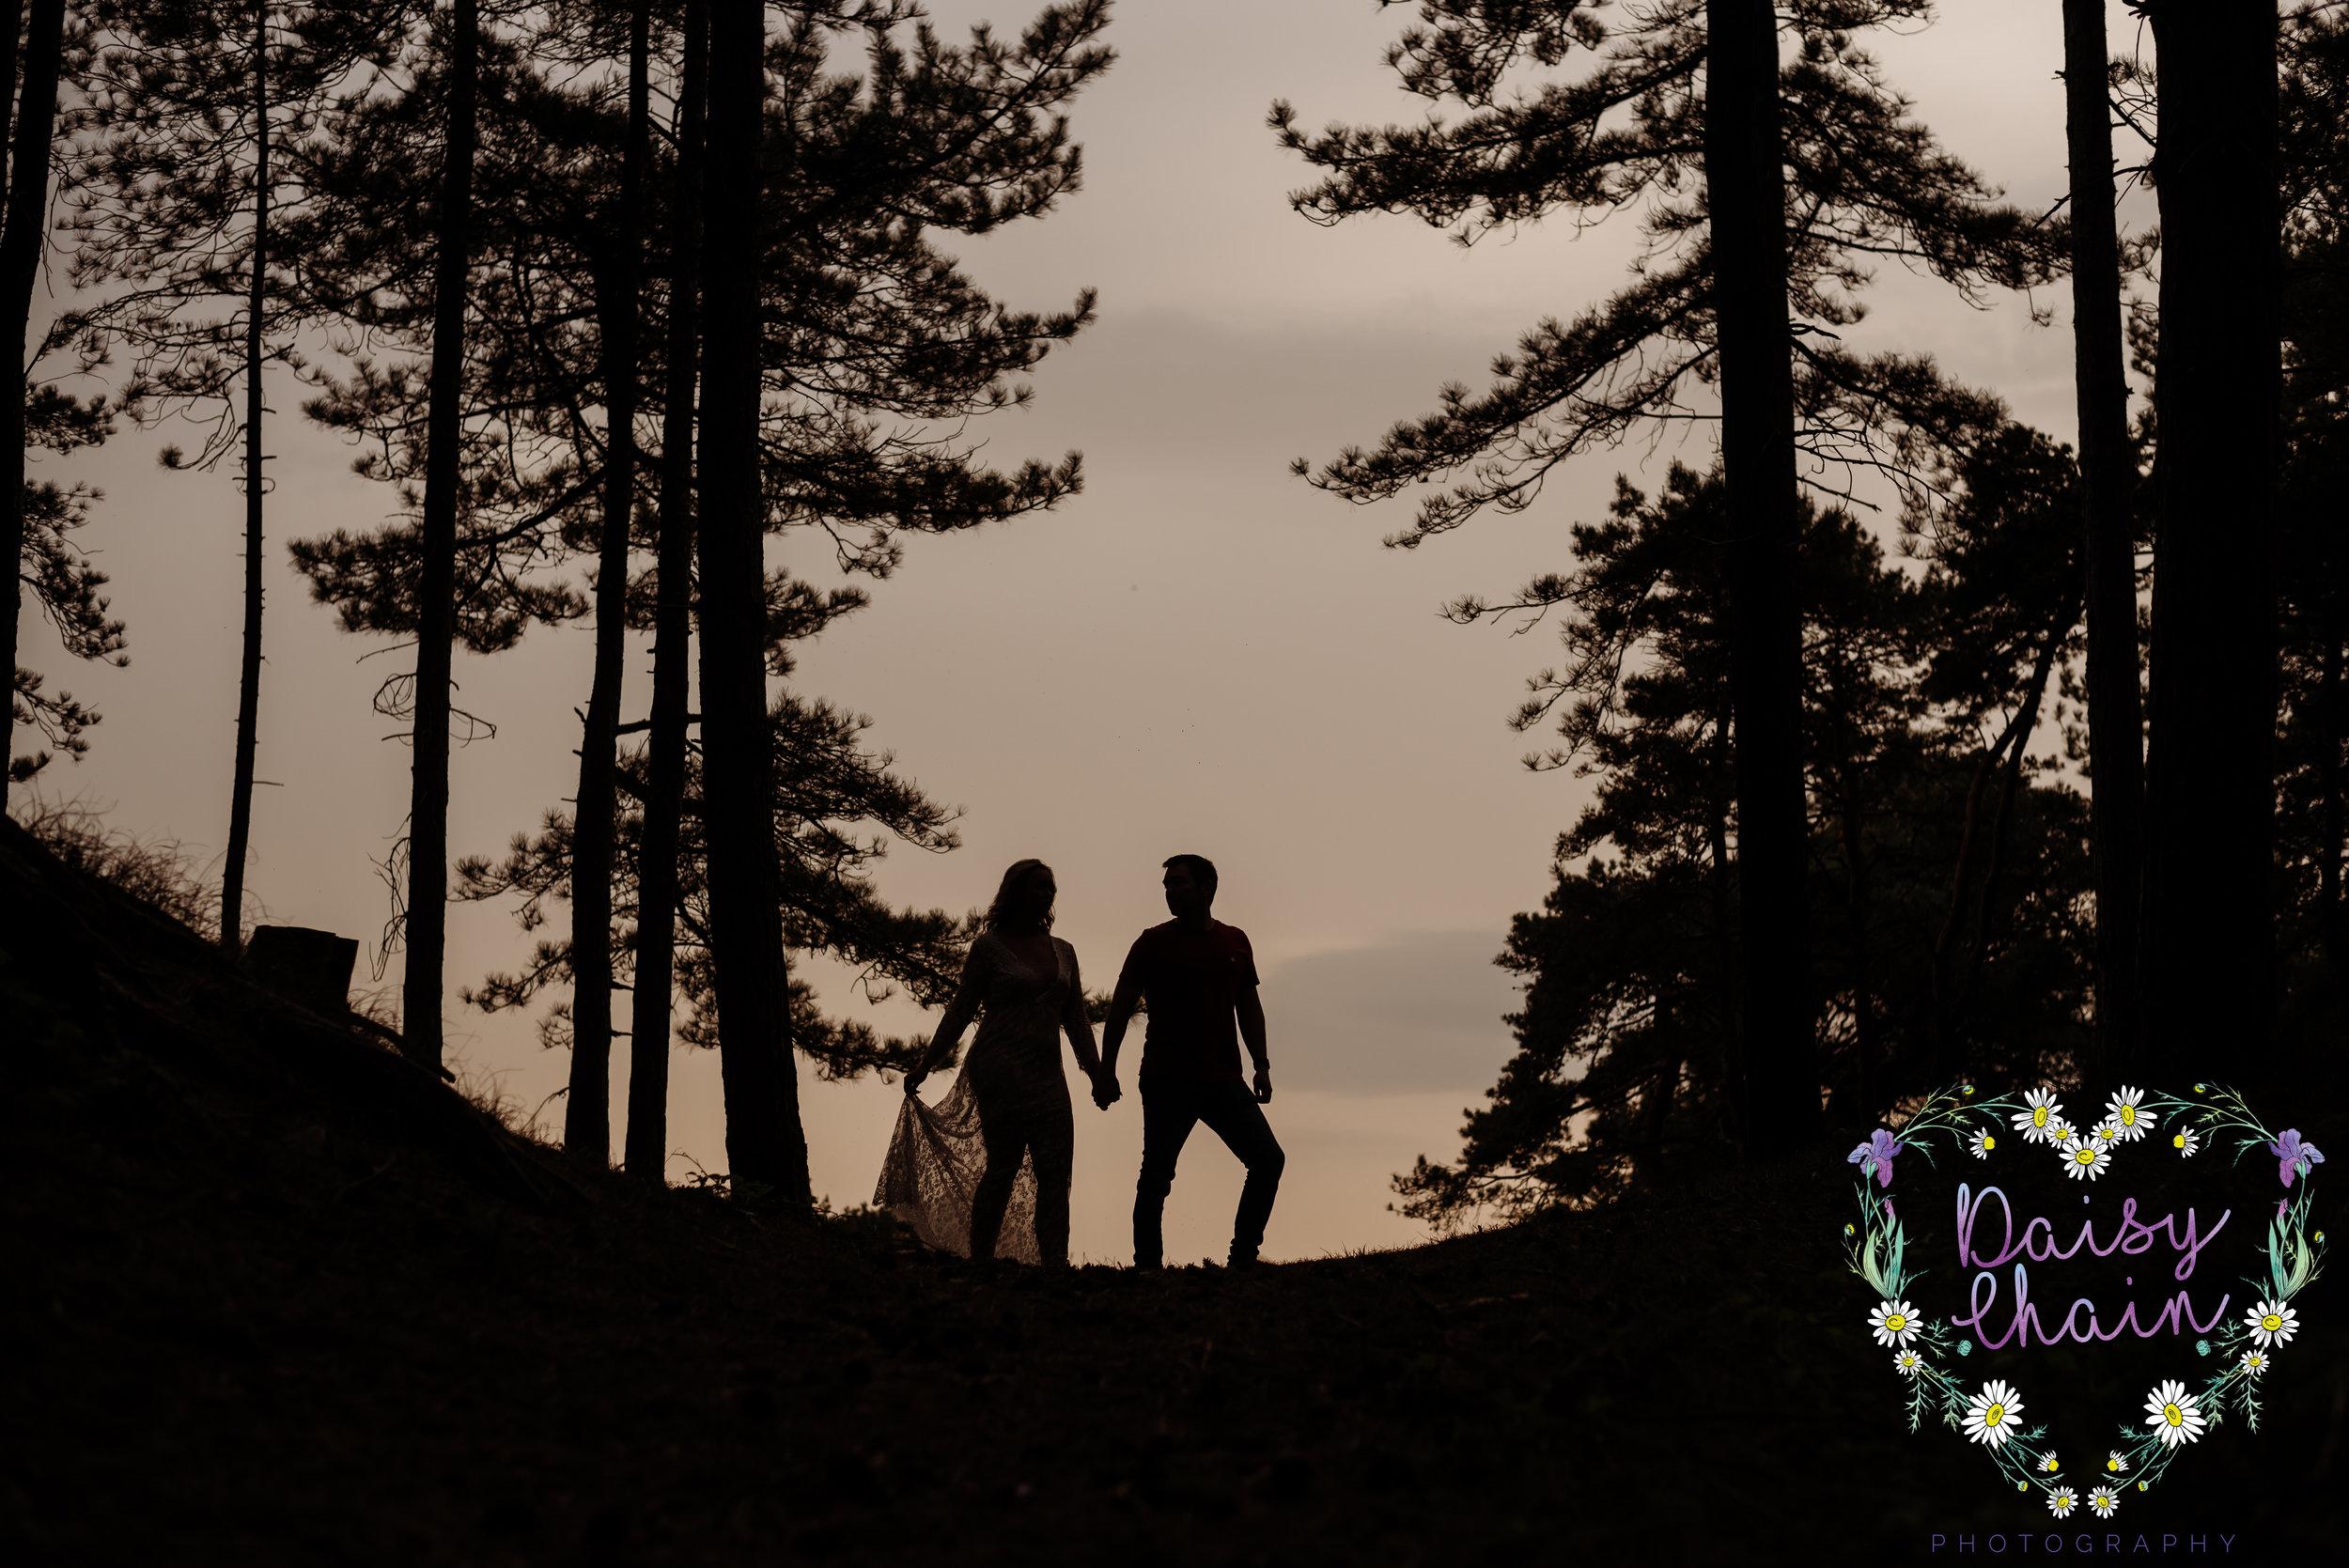 Sunset wedding photography - woodland